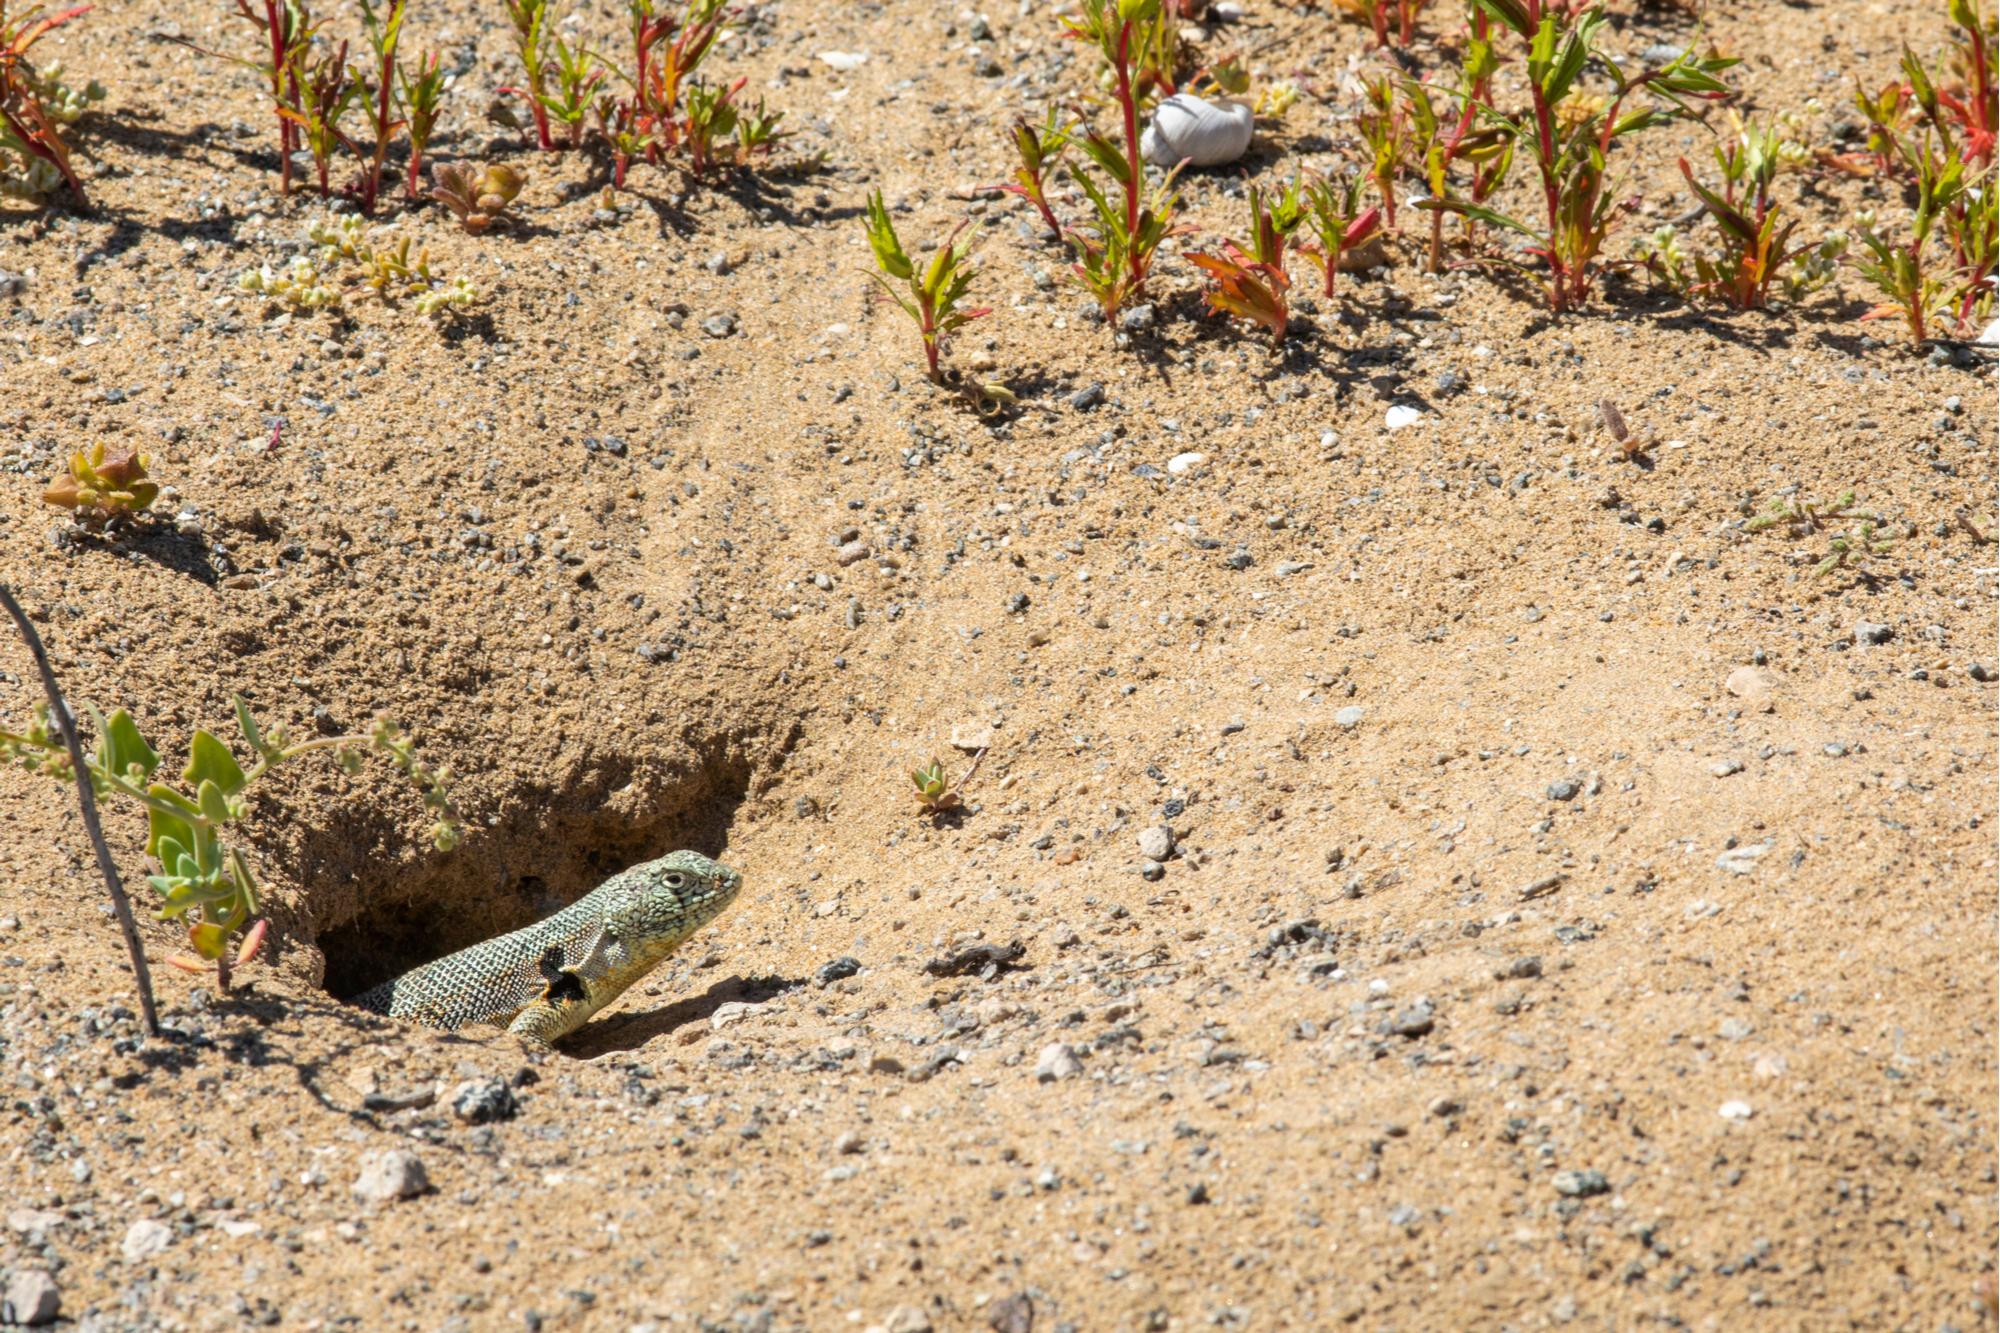 Des lézards qui s'abritent du soleil en creusant le sable